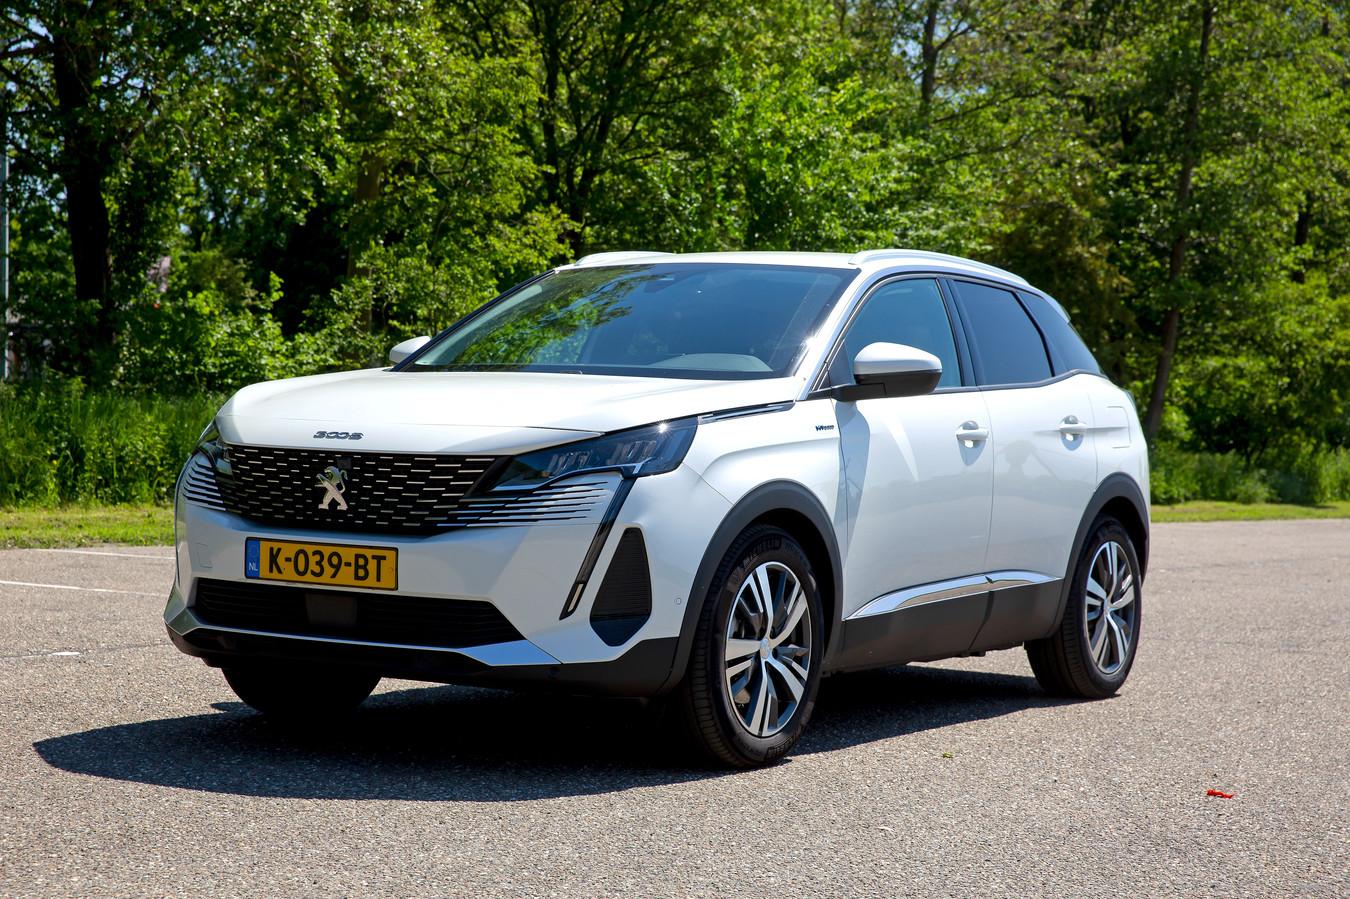 De Peugeot 3008 Hybrid kan tot 50 kilometer elektrisch rijden.